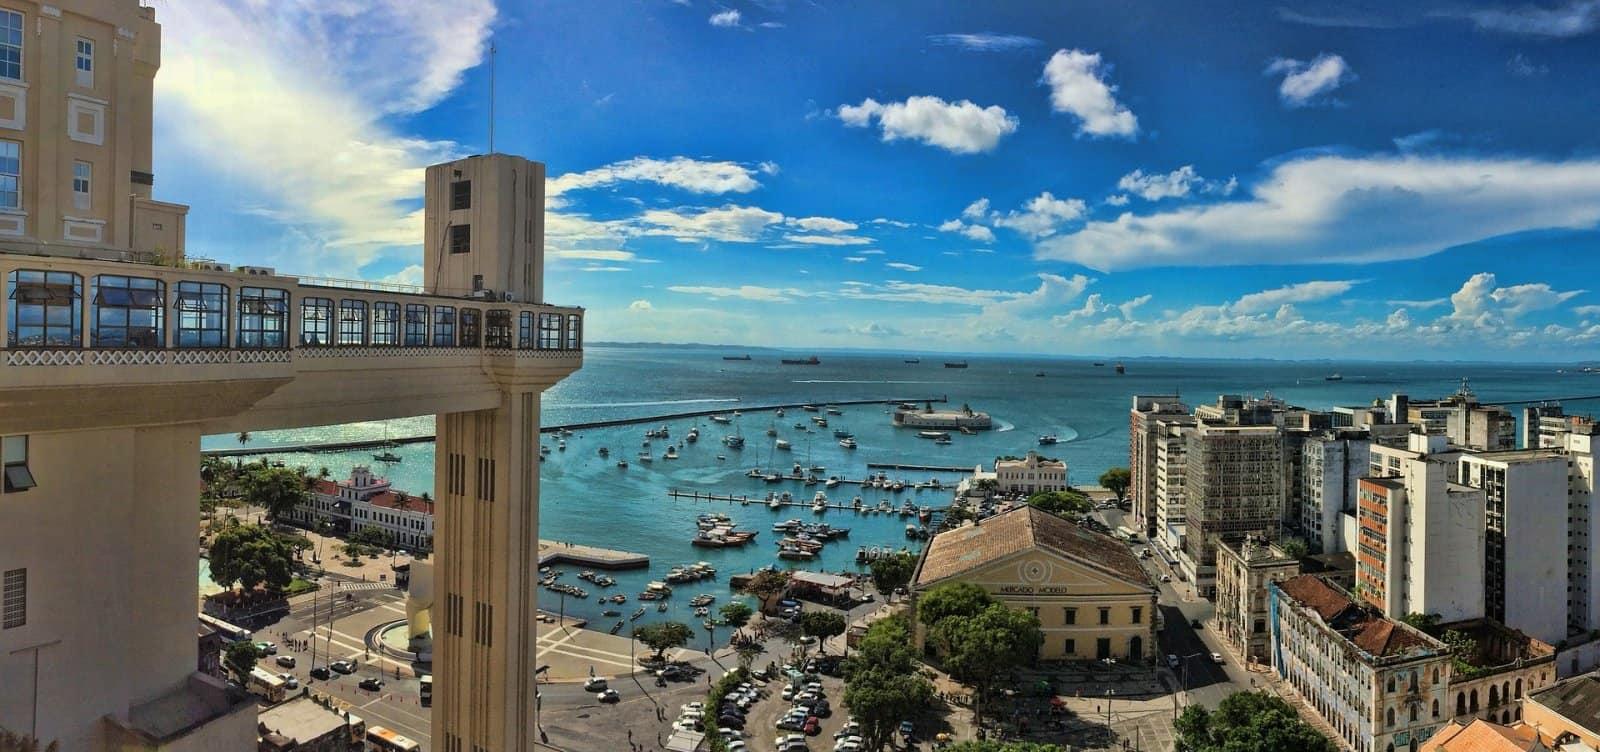 IPTU Salvador 2020: prefeitura divulga redução no imposto e anima moradores